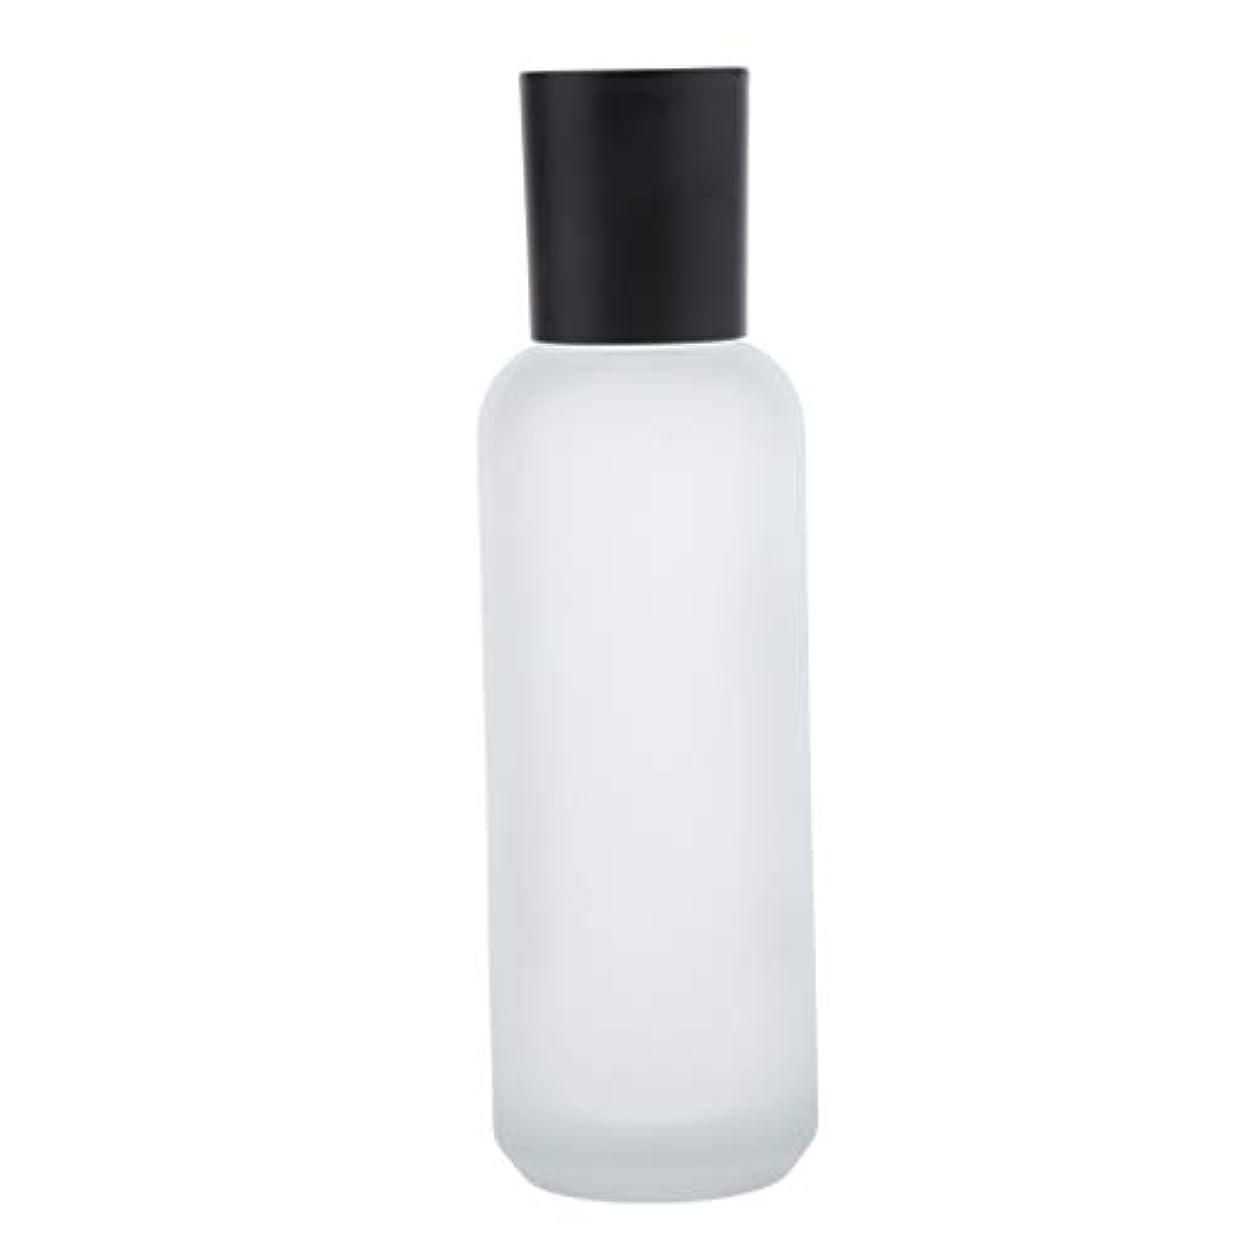 ベンチャー郵便局自動的にコスメ用詰替え容器 空ボトル 化粧品ボトル クリーム瓶 ガラス瓶 詰め替え可能 化粧品容器 全2サイズ - 120 ml